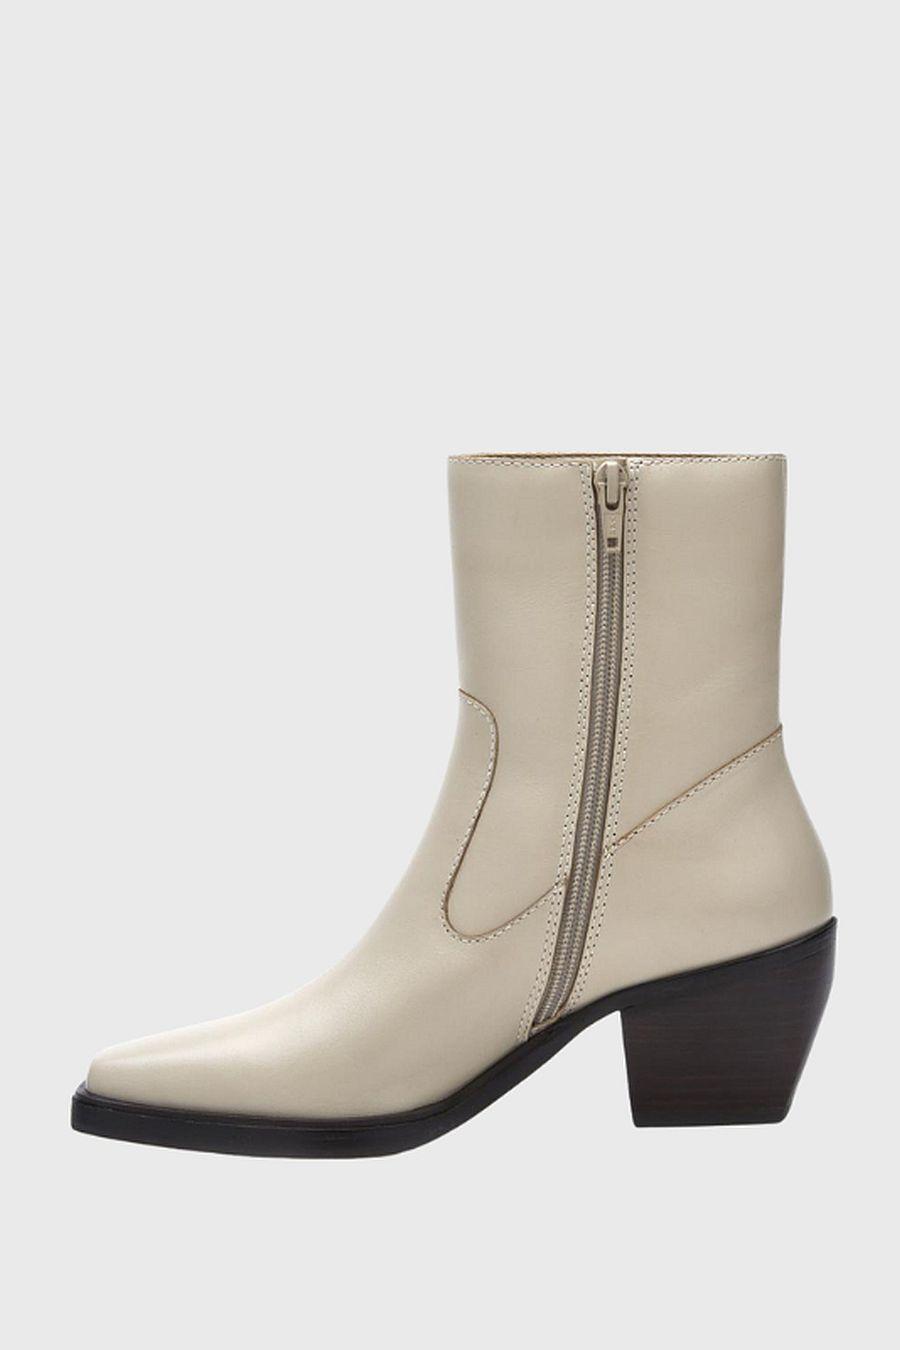 Matisse Footwear Ezra Western Boot - bone